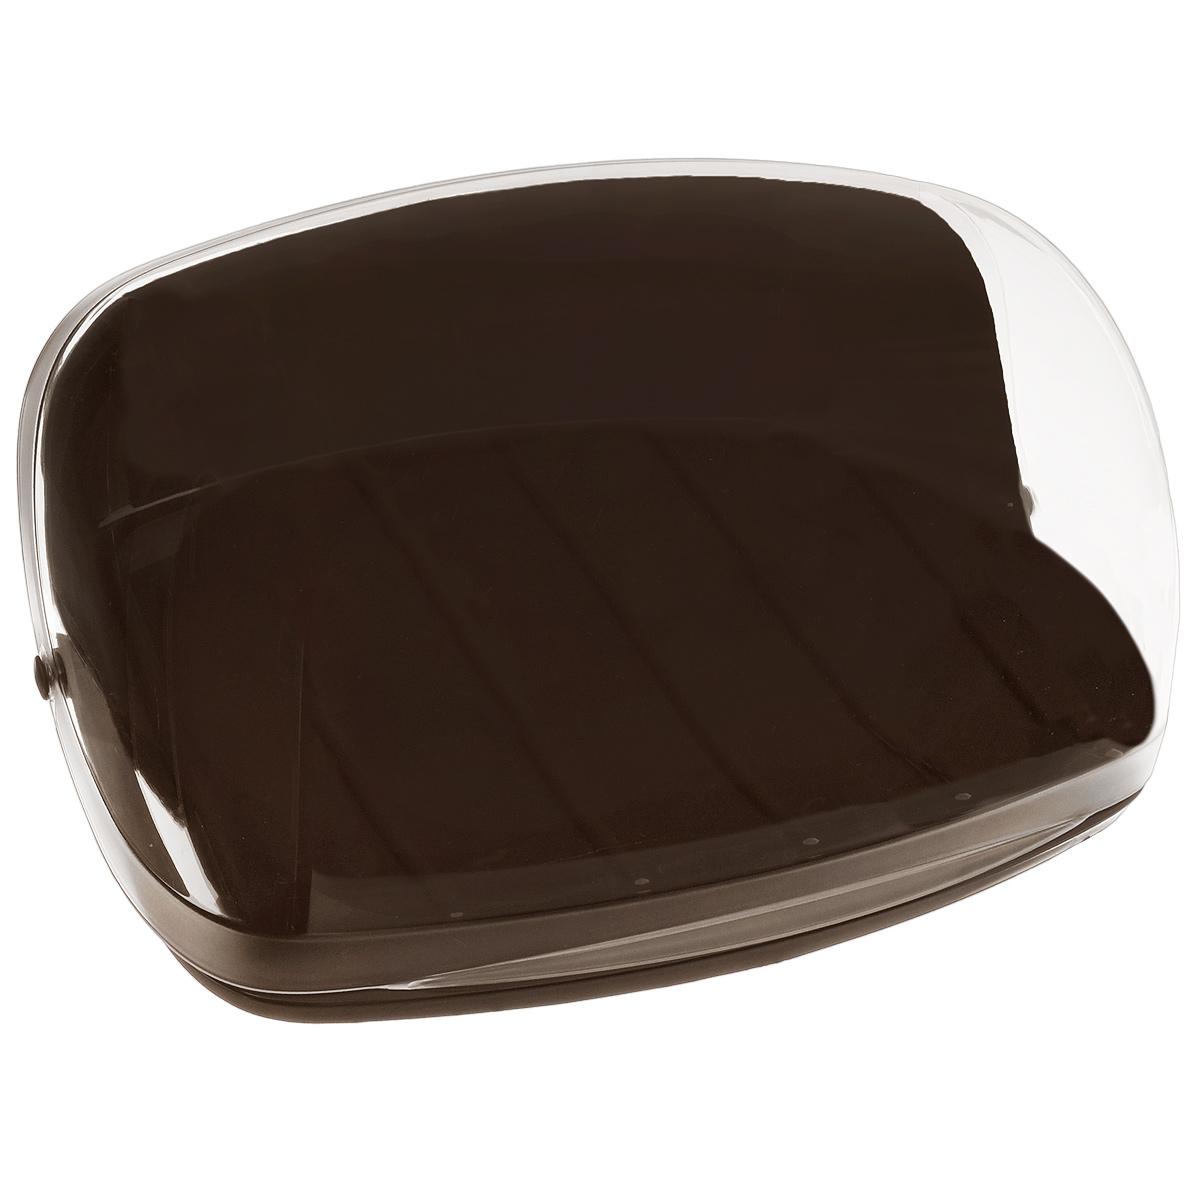 Хлебница Idea, цвет: коричневый, прозрачный, 31 х 24,5 х 14 см21395599Хлебница Idea изготовлена из пищевого пластика и оснащена прозрачной крышкой, позволяющей видеть содержимое. Вместительность, функциональность и стильный дизайн позволят хлебнице стать не только незаменимым аксессуаром на кухне, но и предметом украшения интерьера. В ней хлеб всегда останется свежим и вкусным.